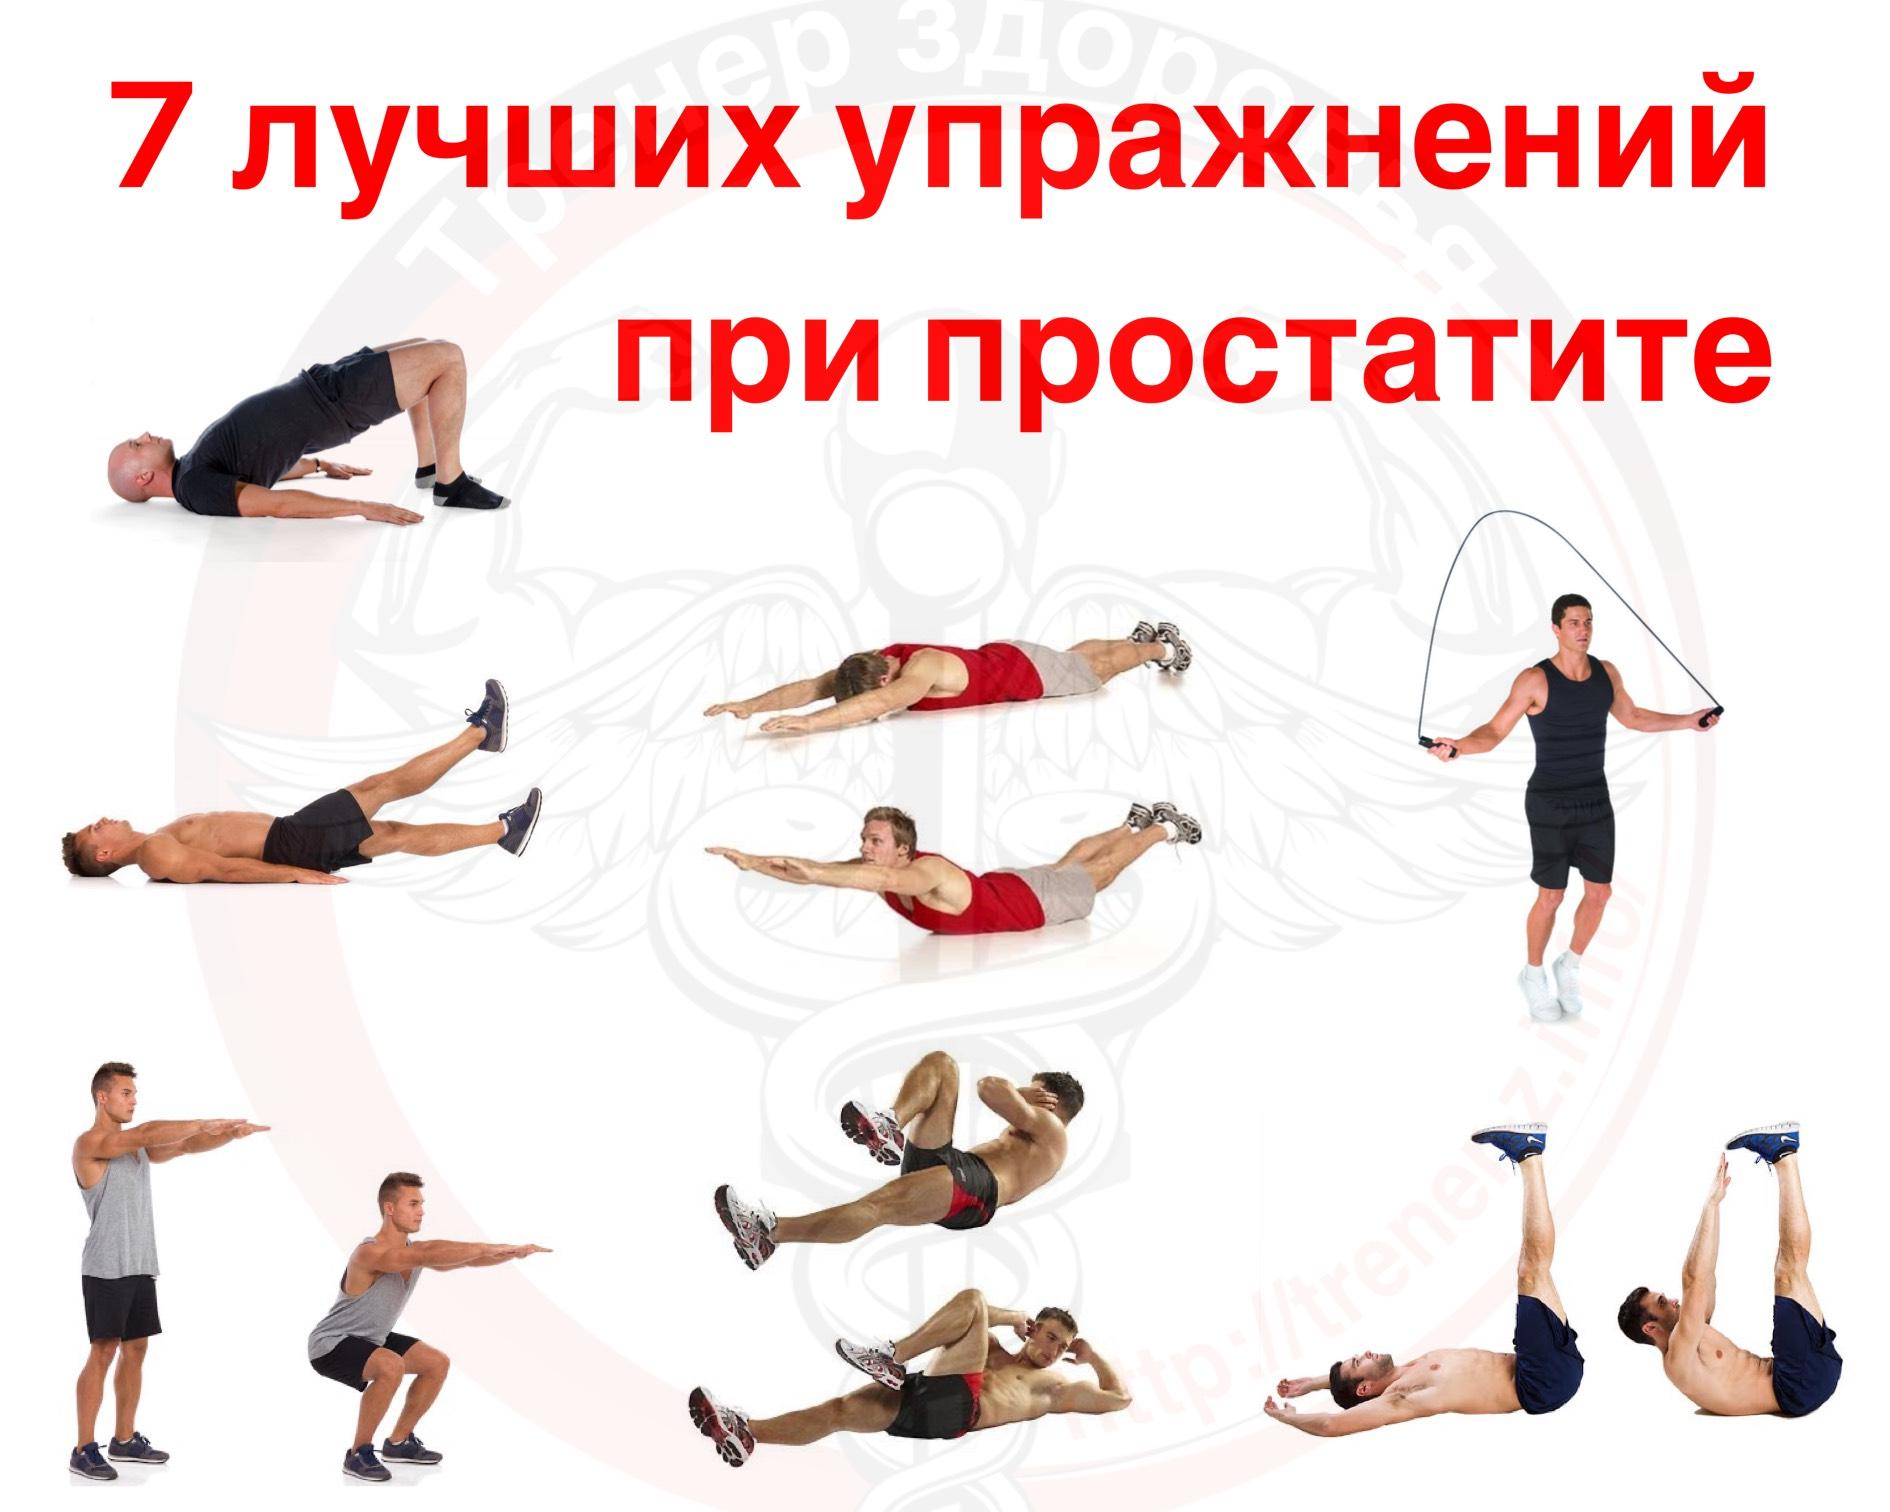 Можно принимать стероиды при простатите упражнения против хронического простатита